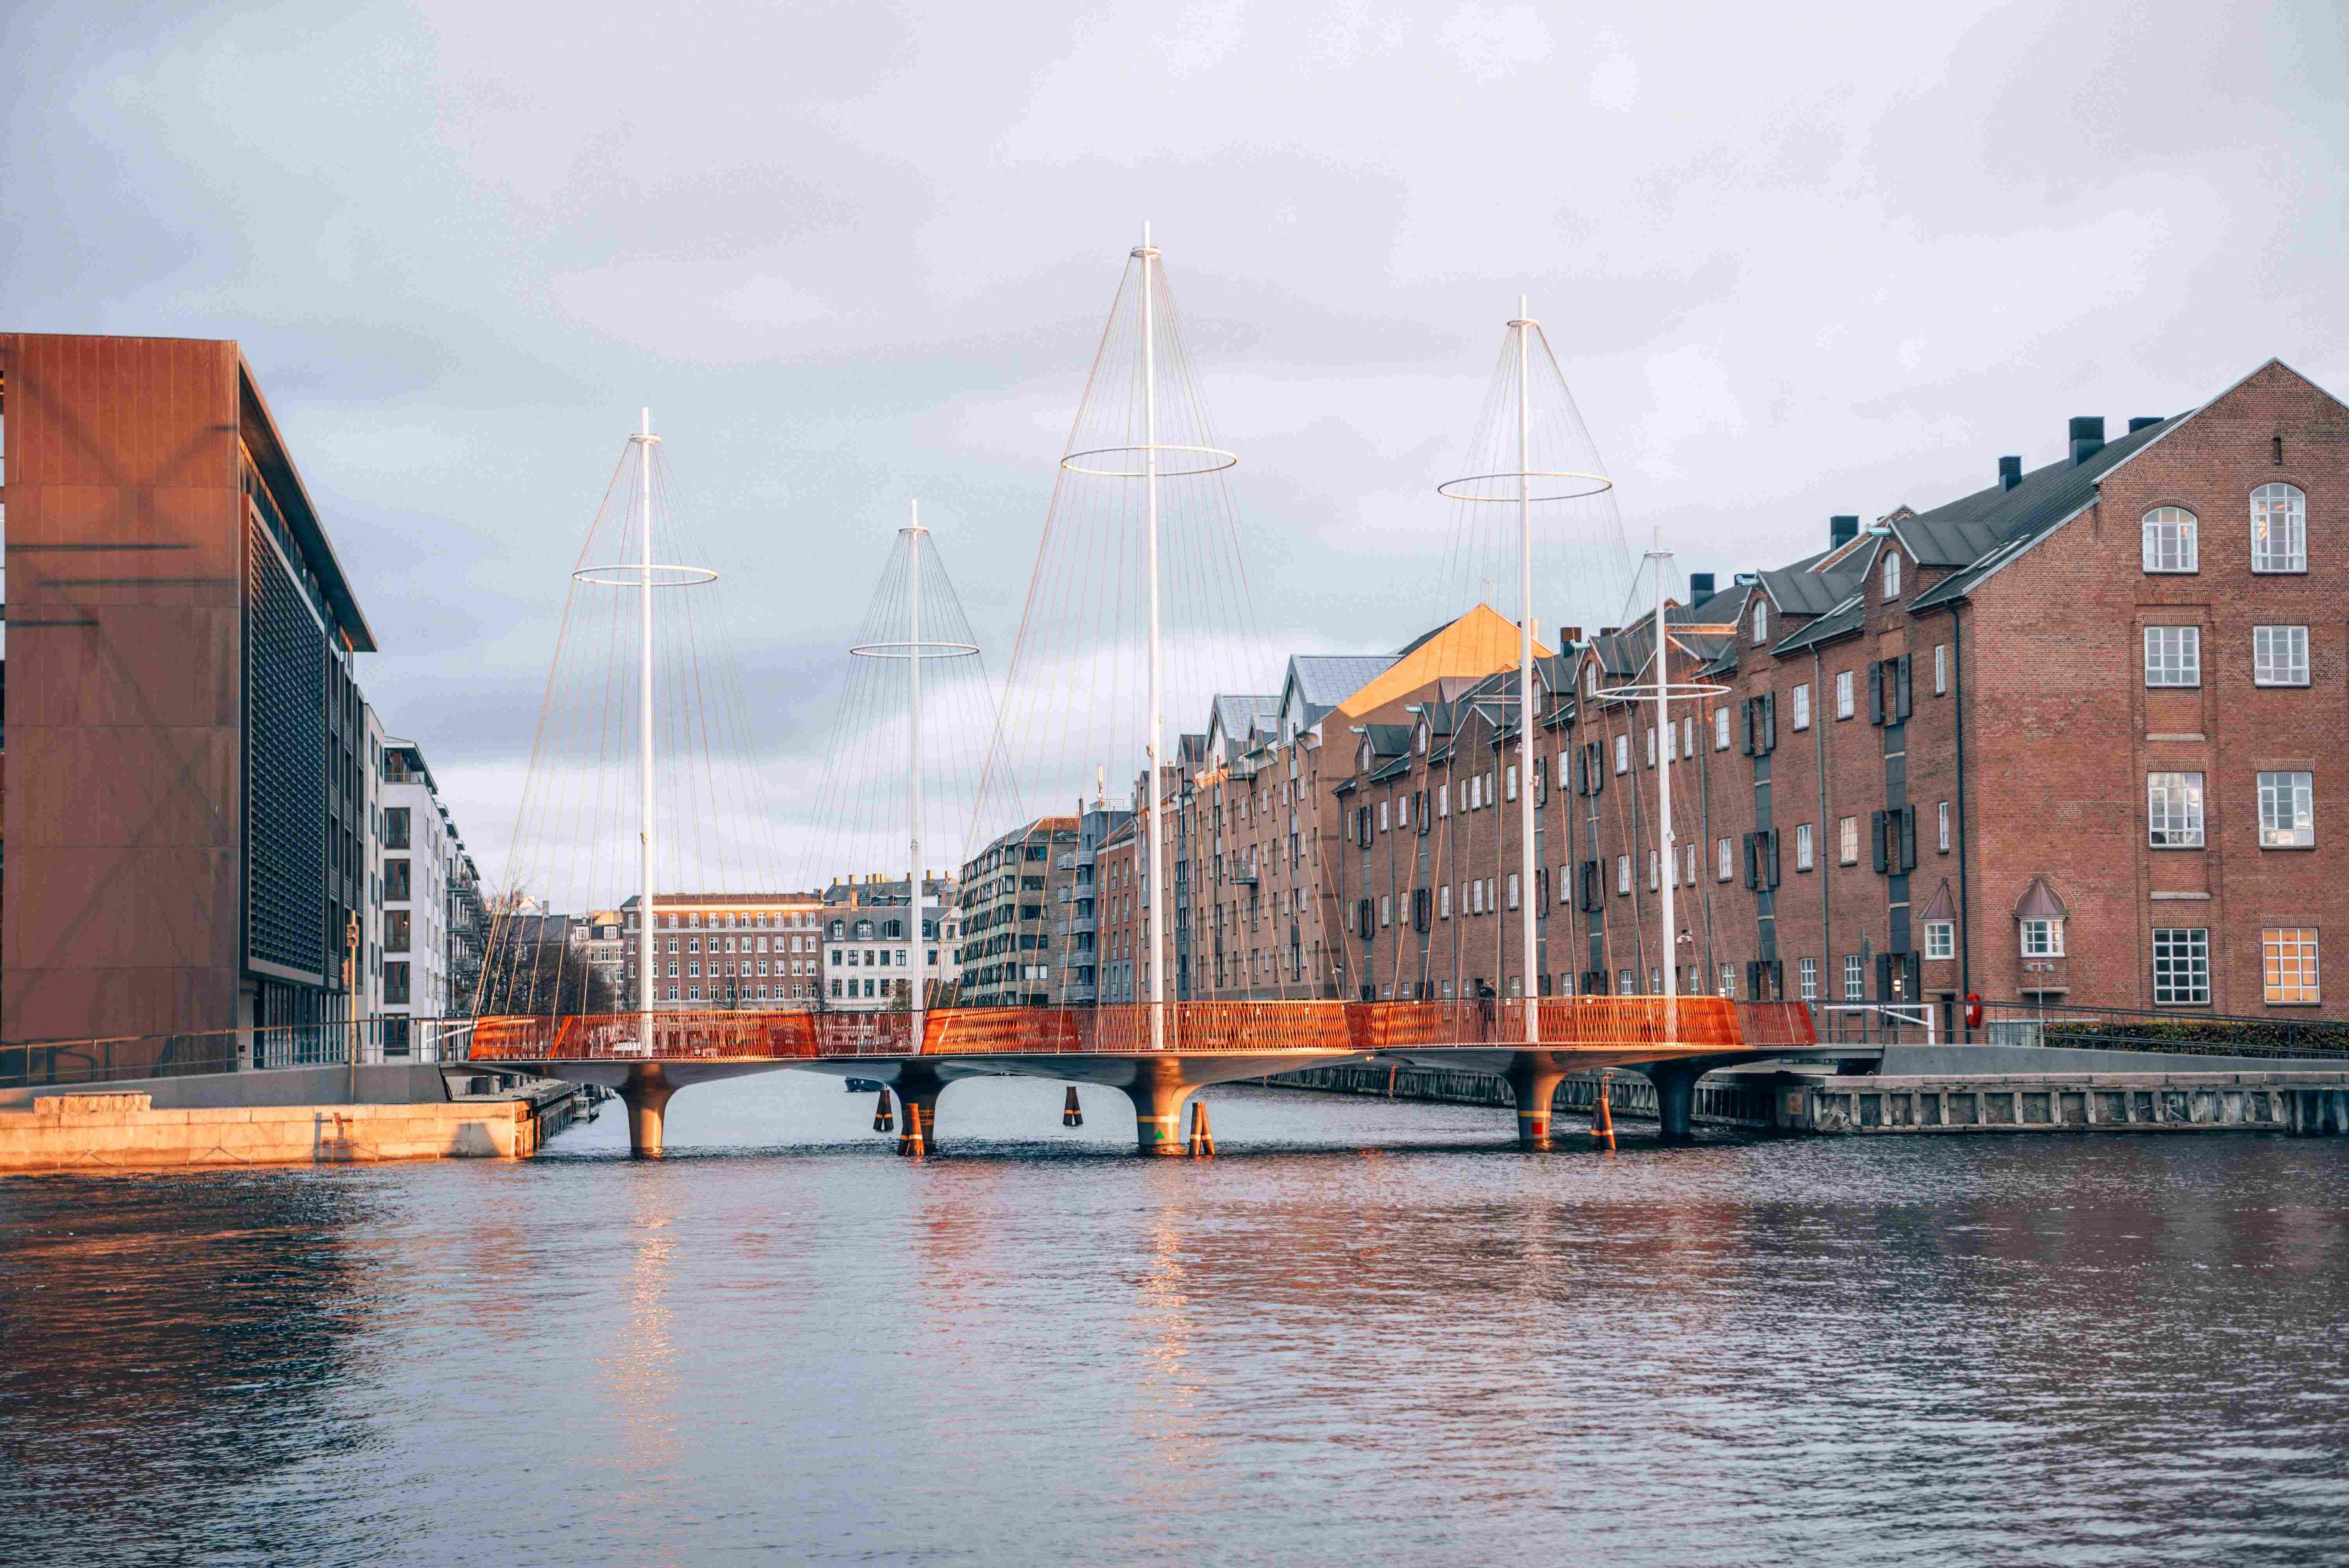 Arquitetura em Copenhague: Circle Bridge, do studio Olafur Eliasson